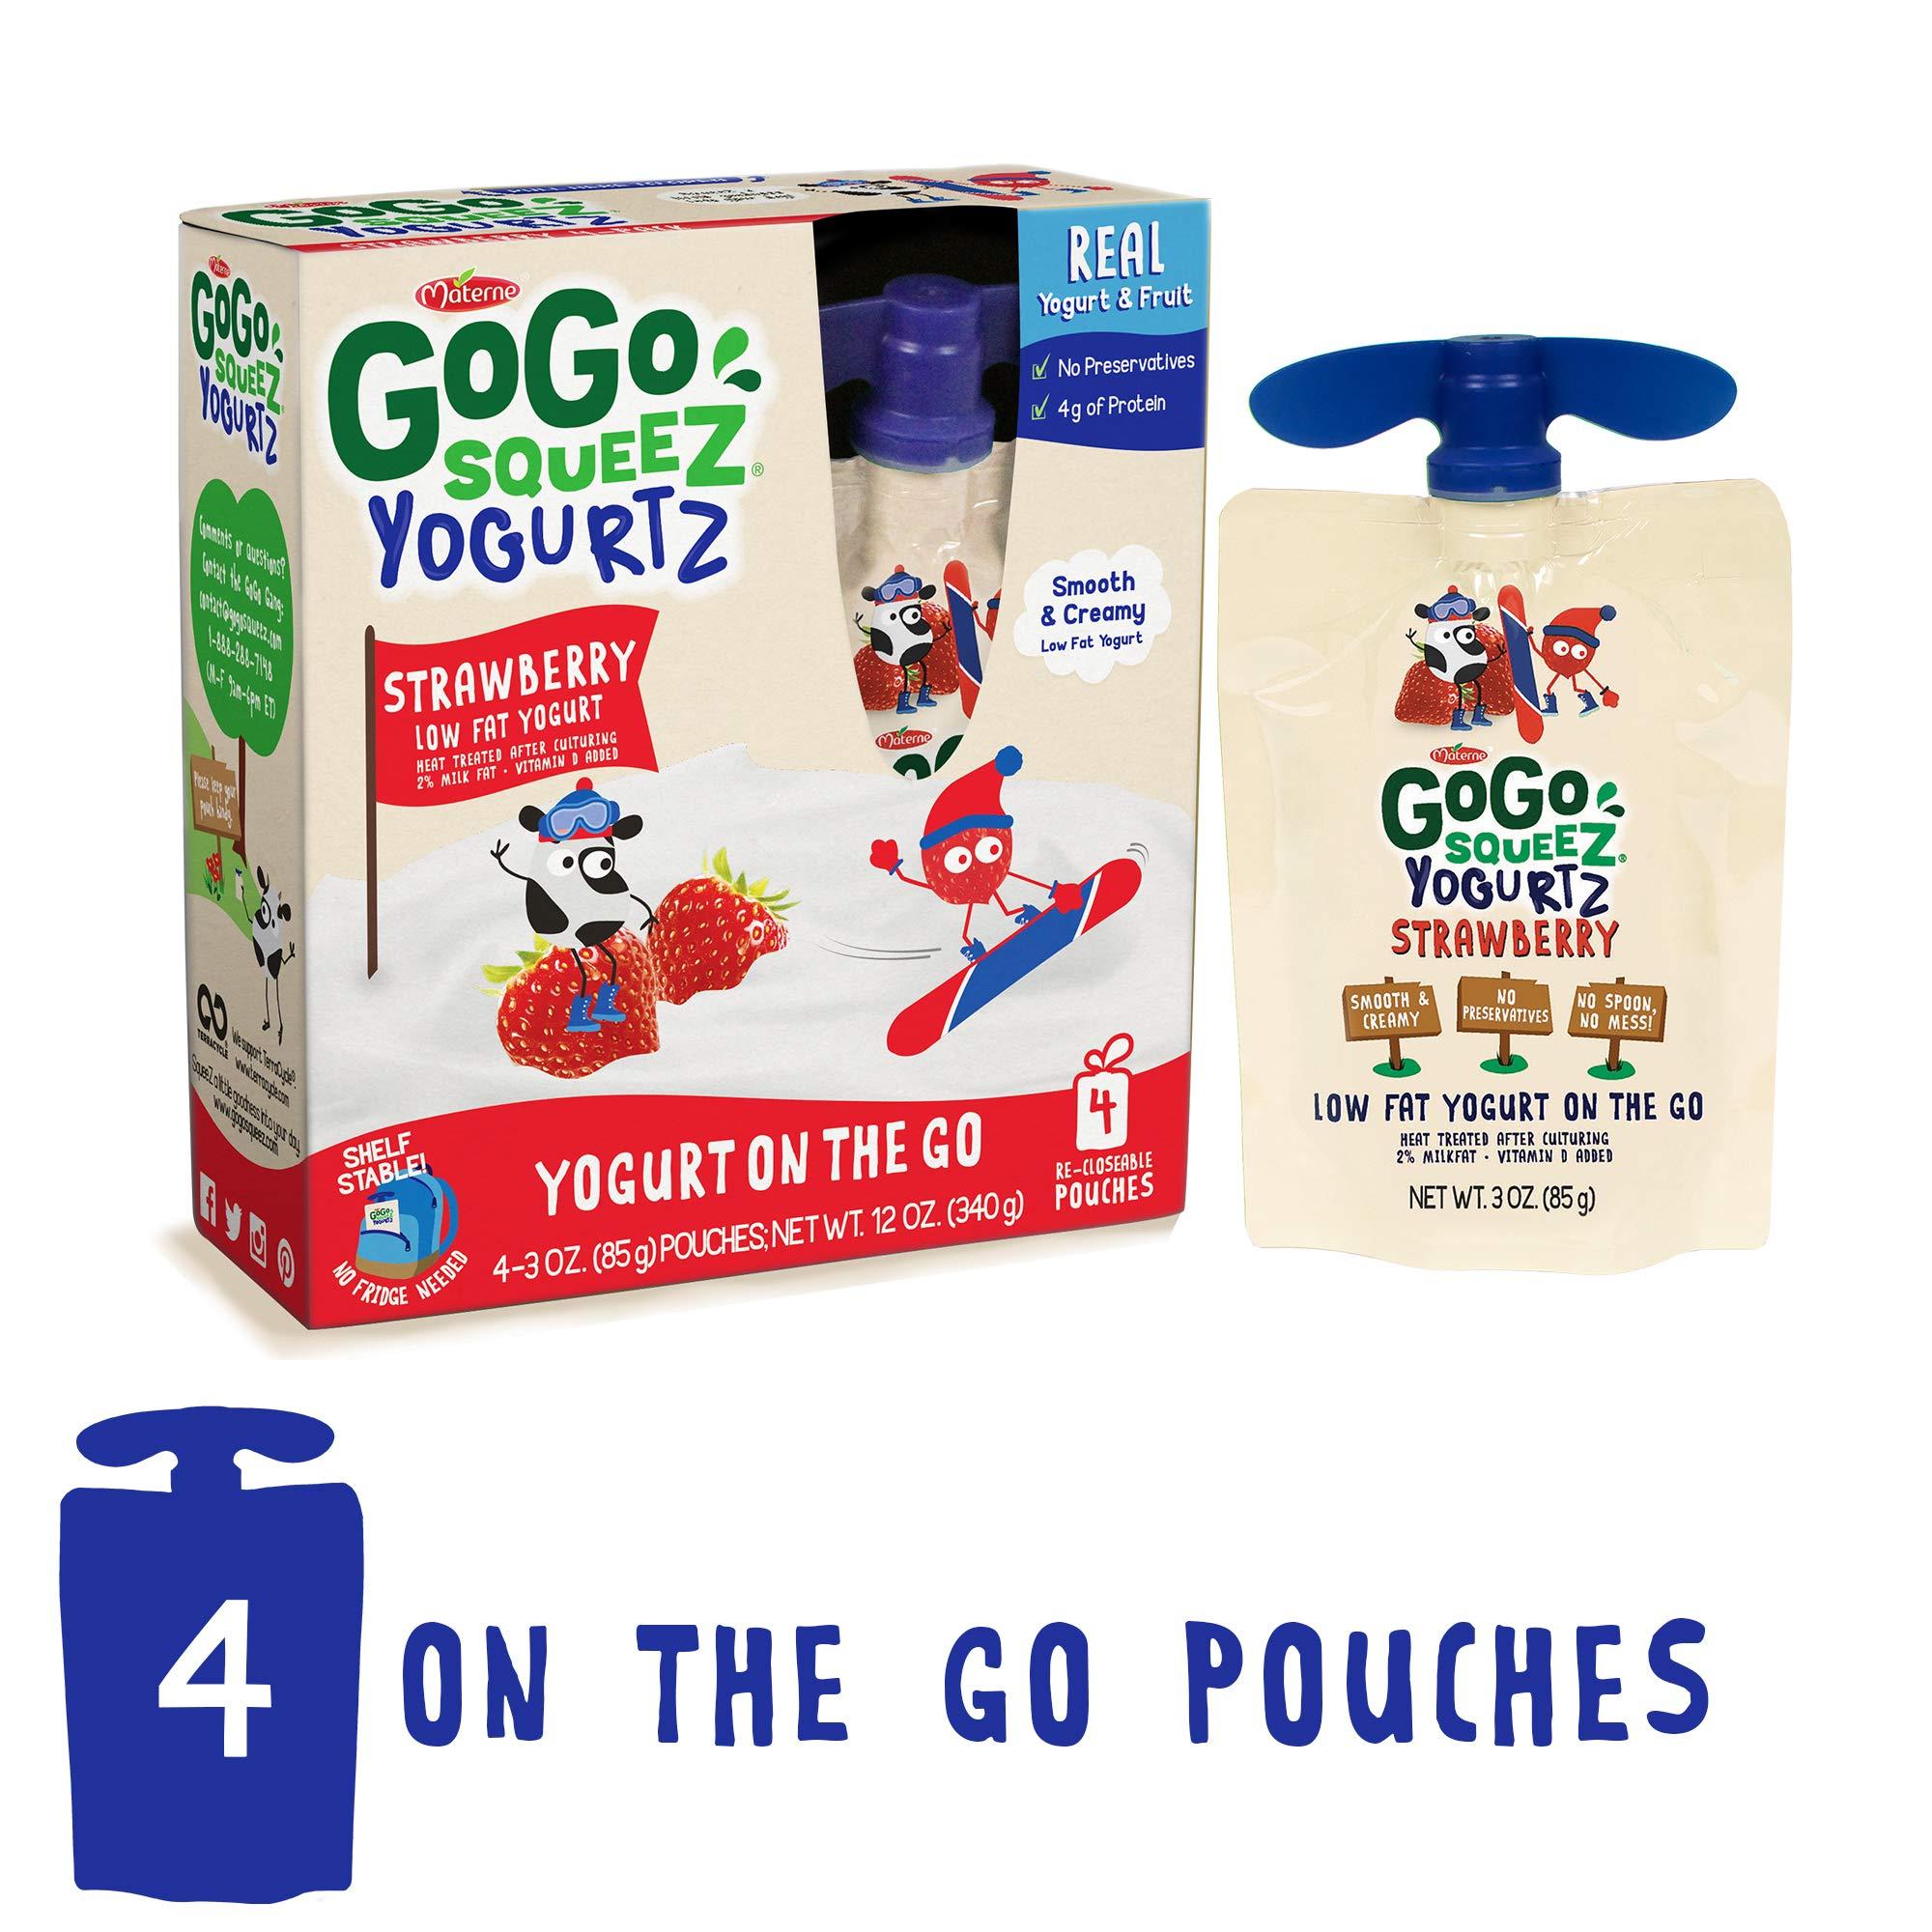 596a954815e1 GoGo squeeZ YogurtZ, Strawberry, 3 Ounce - TiendaMIA.com